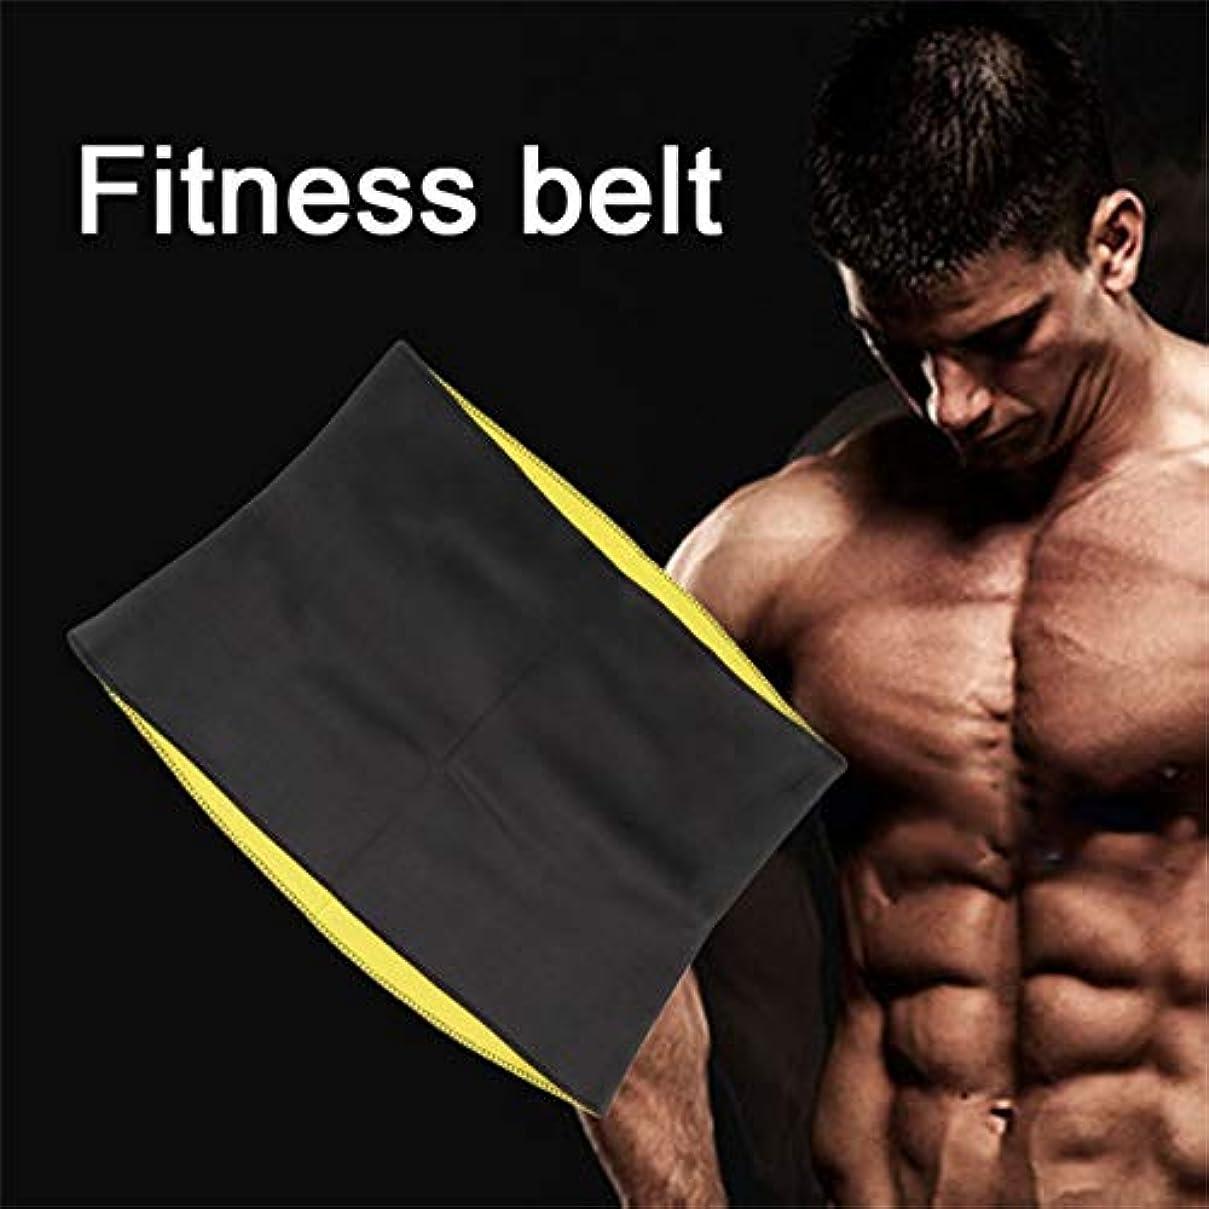 合理化連帯領域Women Adult Solid Neoprene Healthy Slimming Weight Loss Waist Belts Body Shaper Slimming Trainer Trimmer Corsets